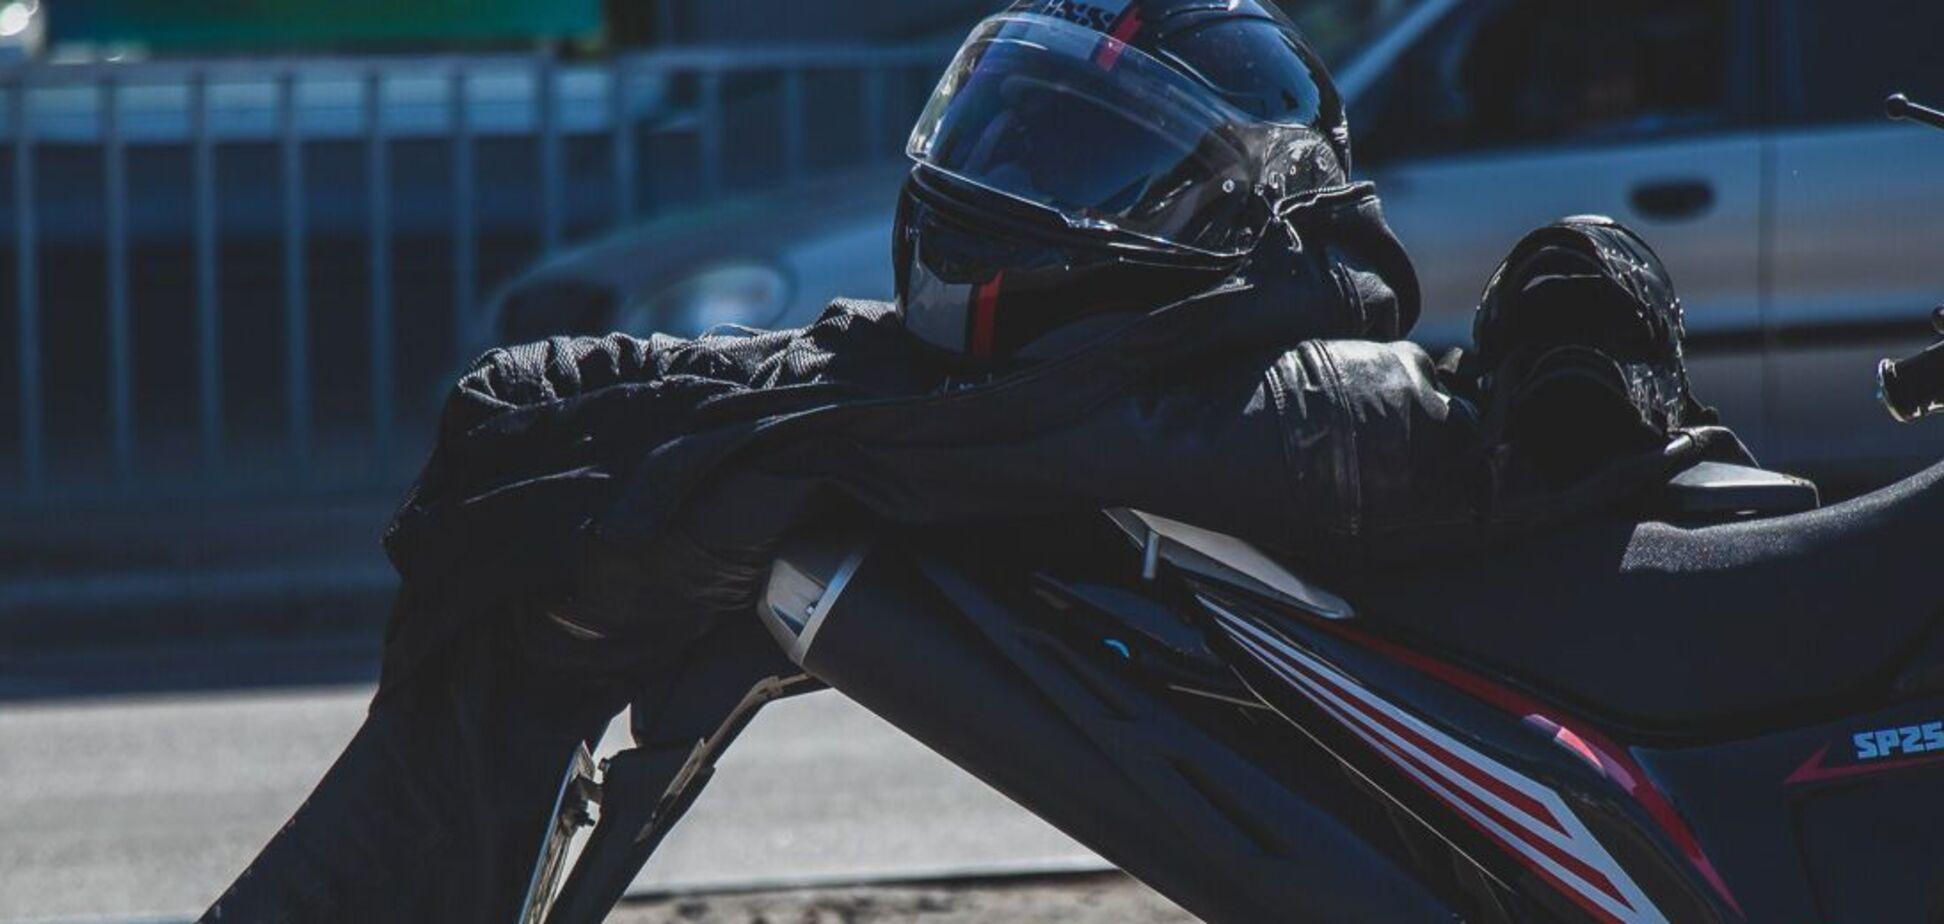 У Дніпрі п'яний пішохід потрапив під колеса мотоцикла. Фото